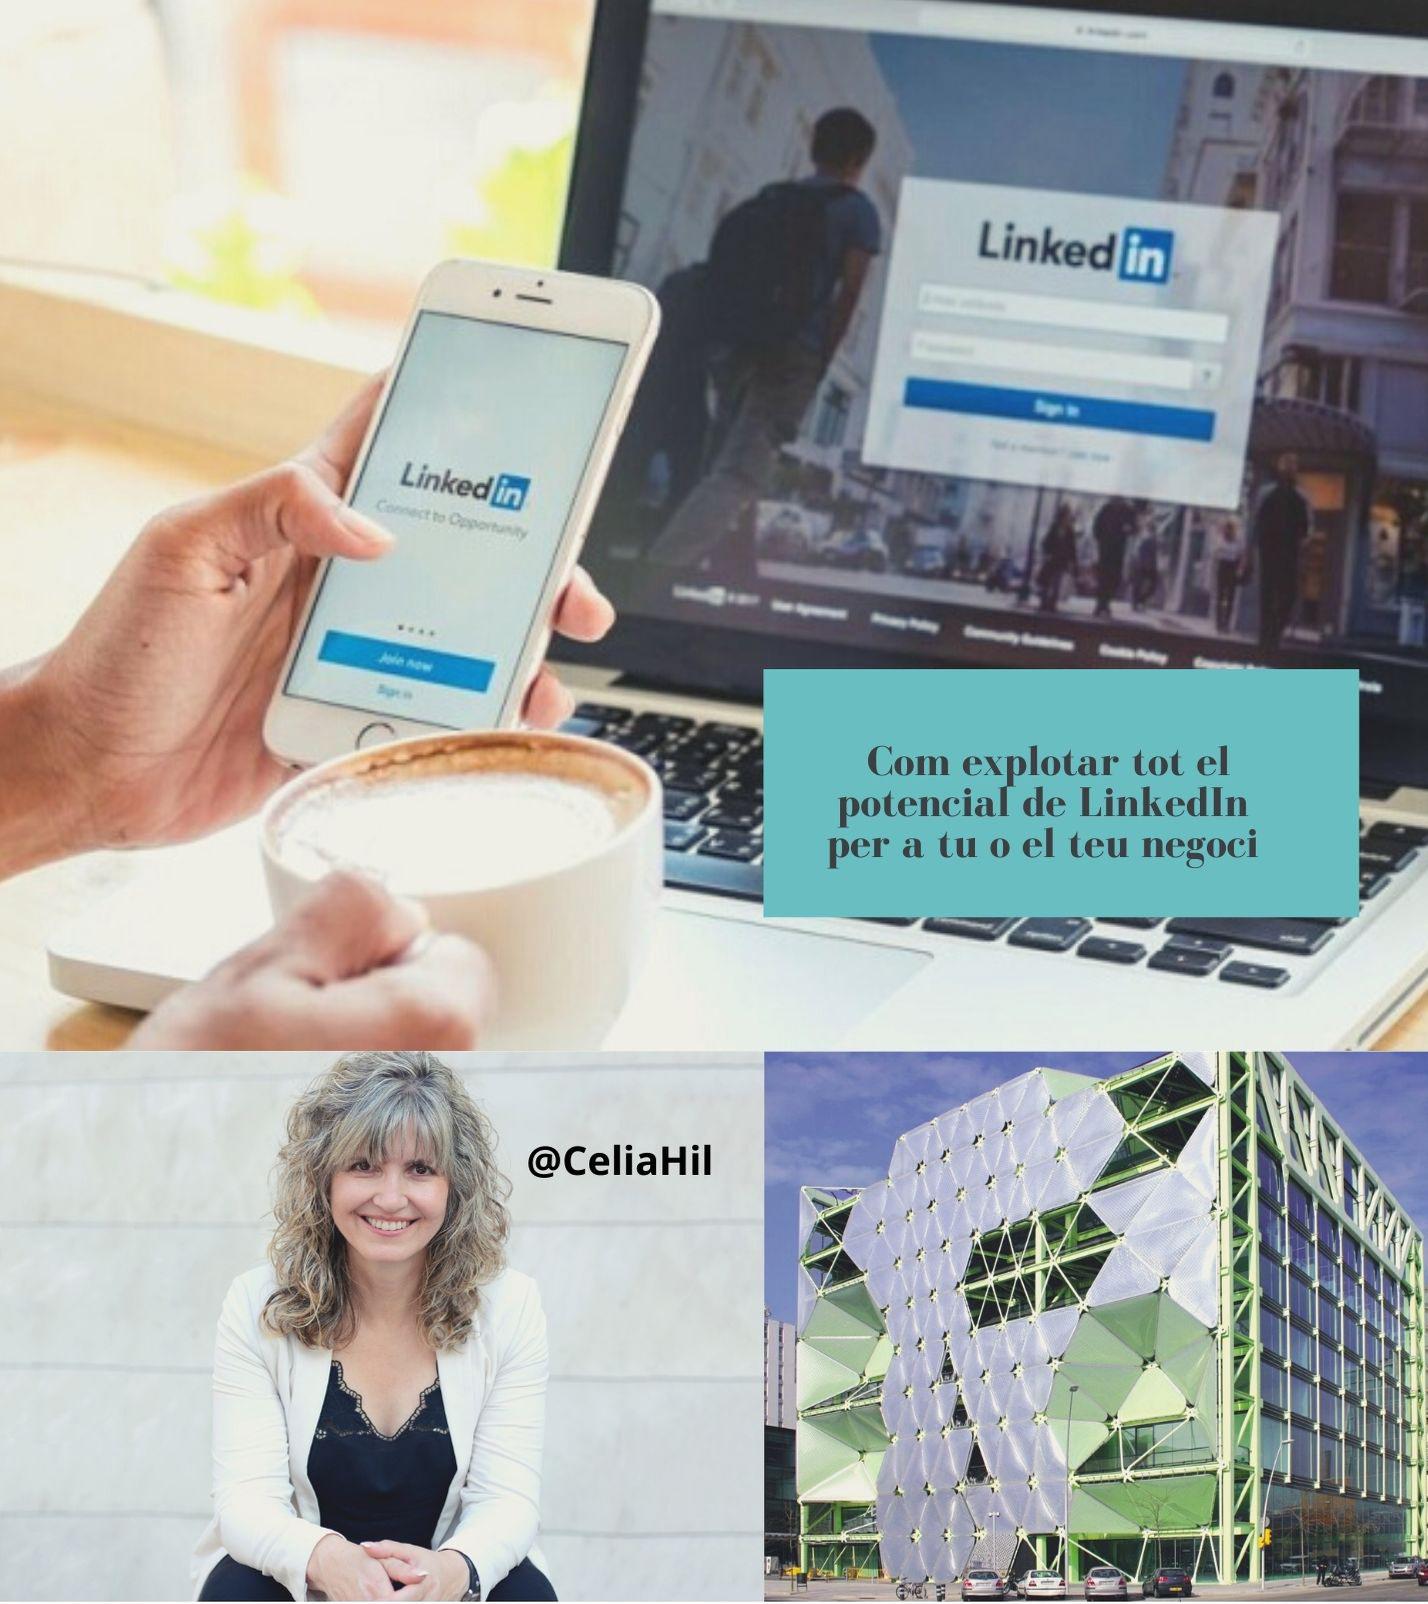 Com explotar tot el potencial de LinkedIn per a tu o el teu negoci  >